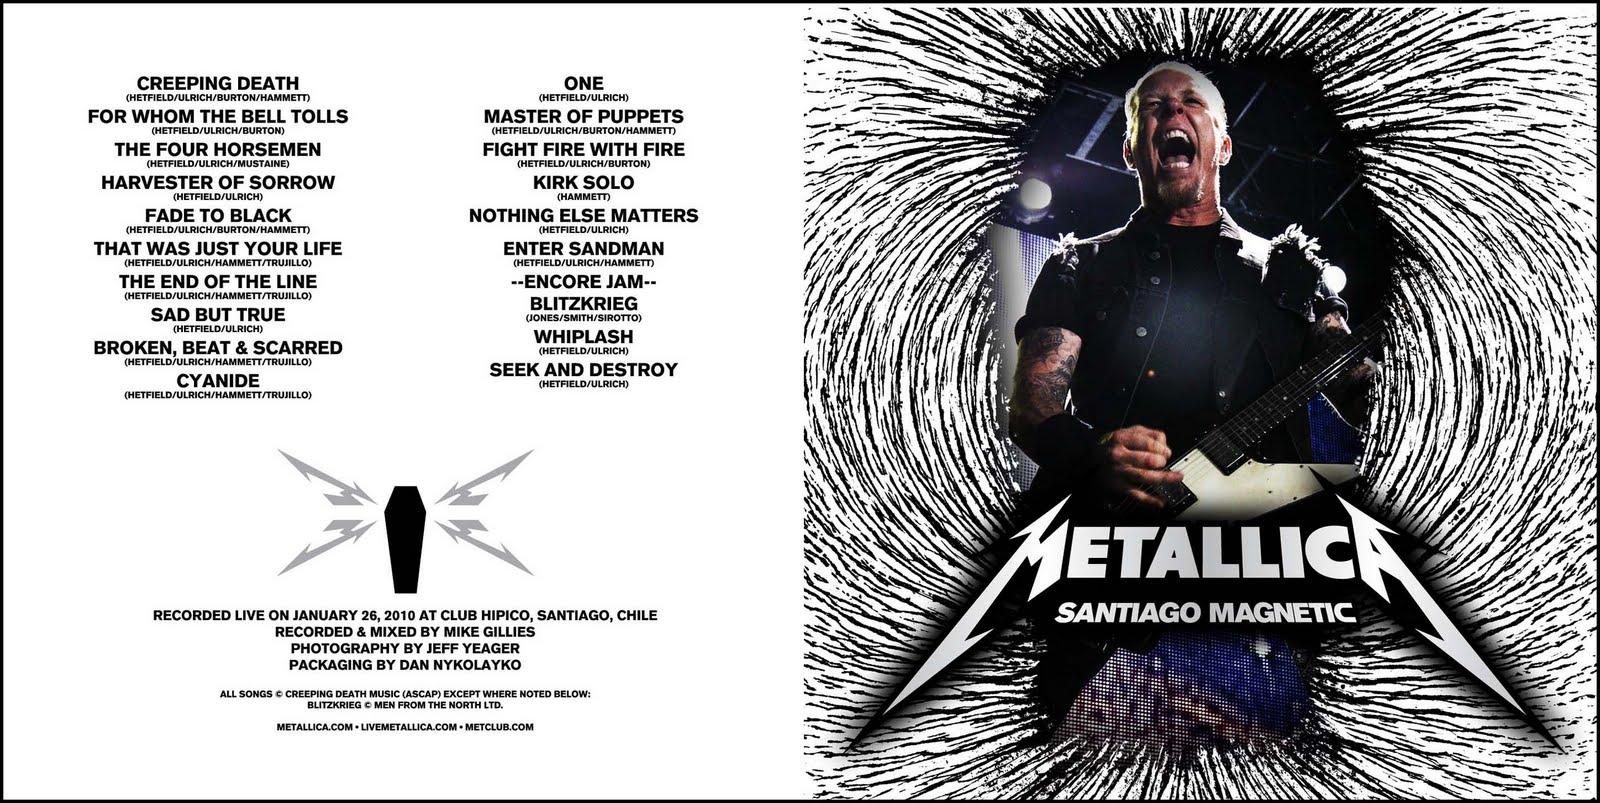 Metallica - Santiago Magnetic